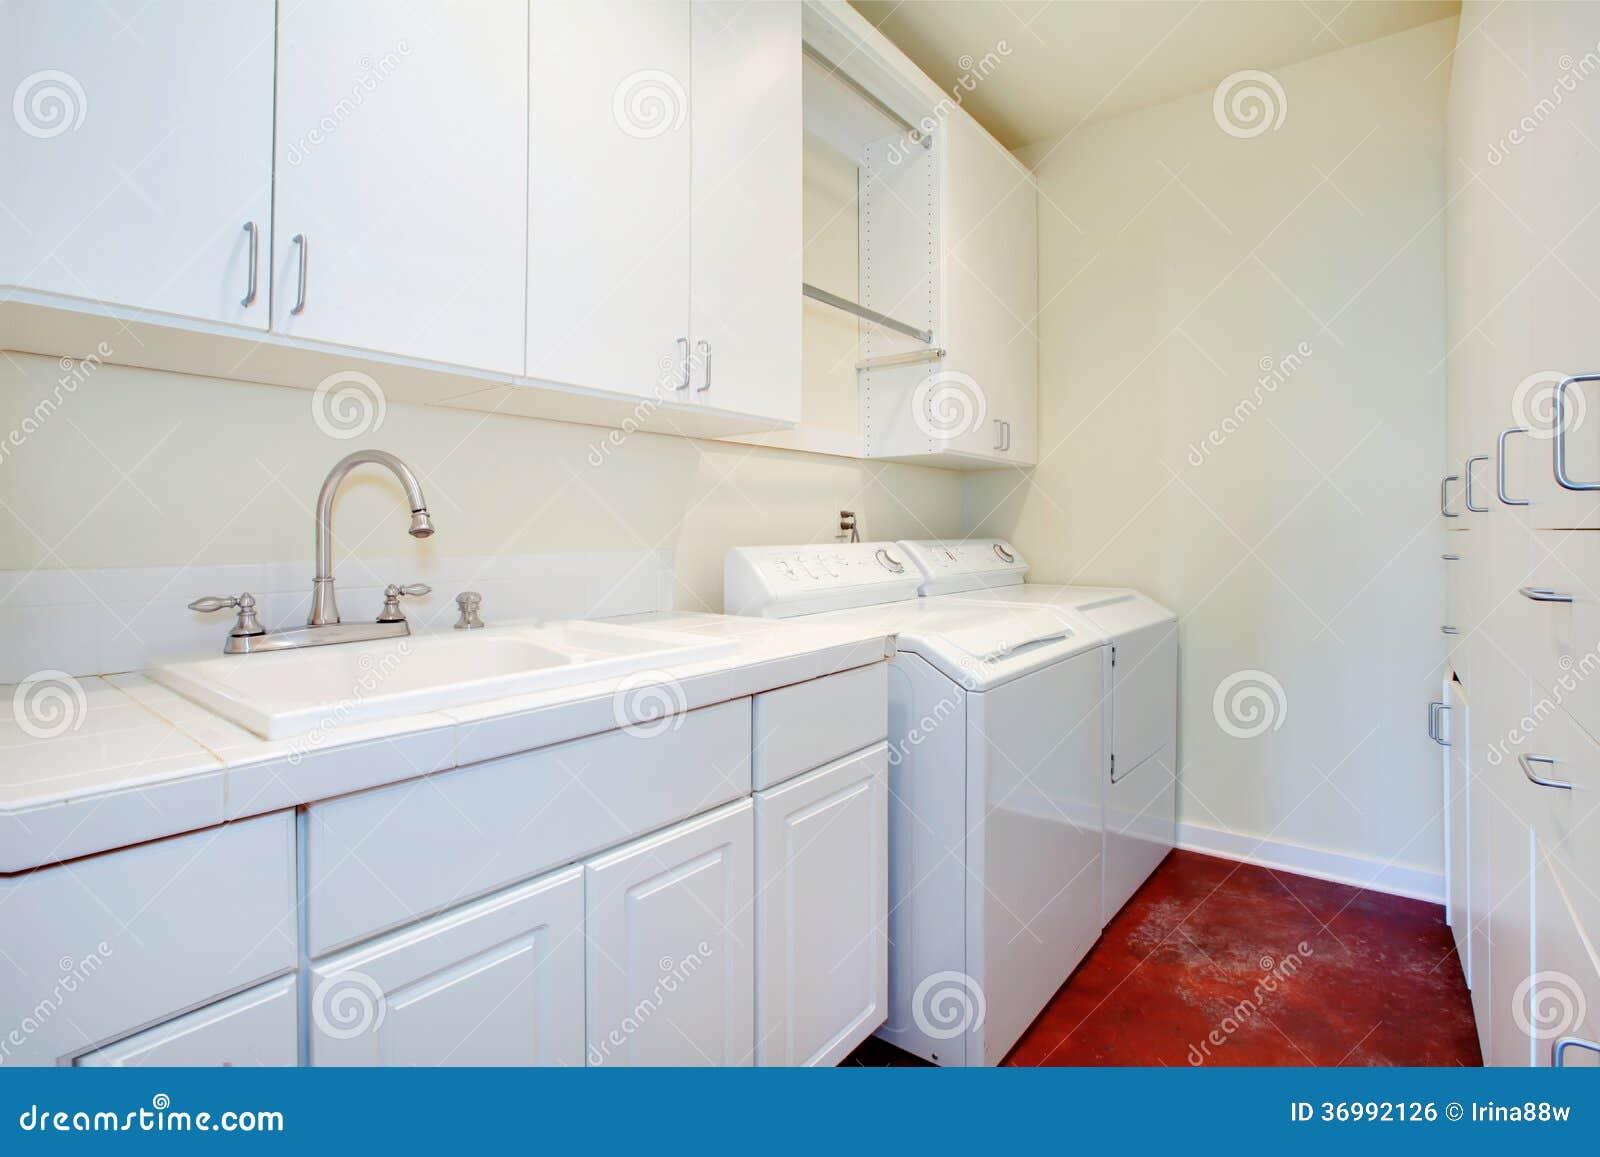 Vit tvättstuga med ett rött golv royaltyfri bild   bild: 36992126